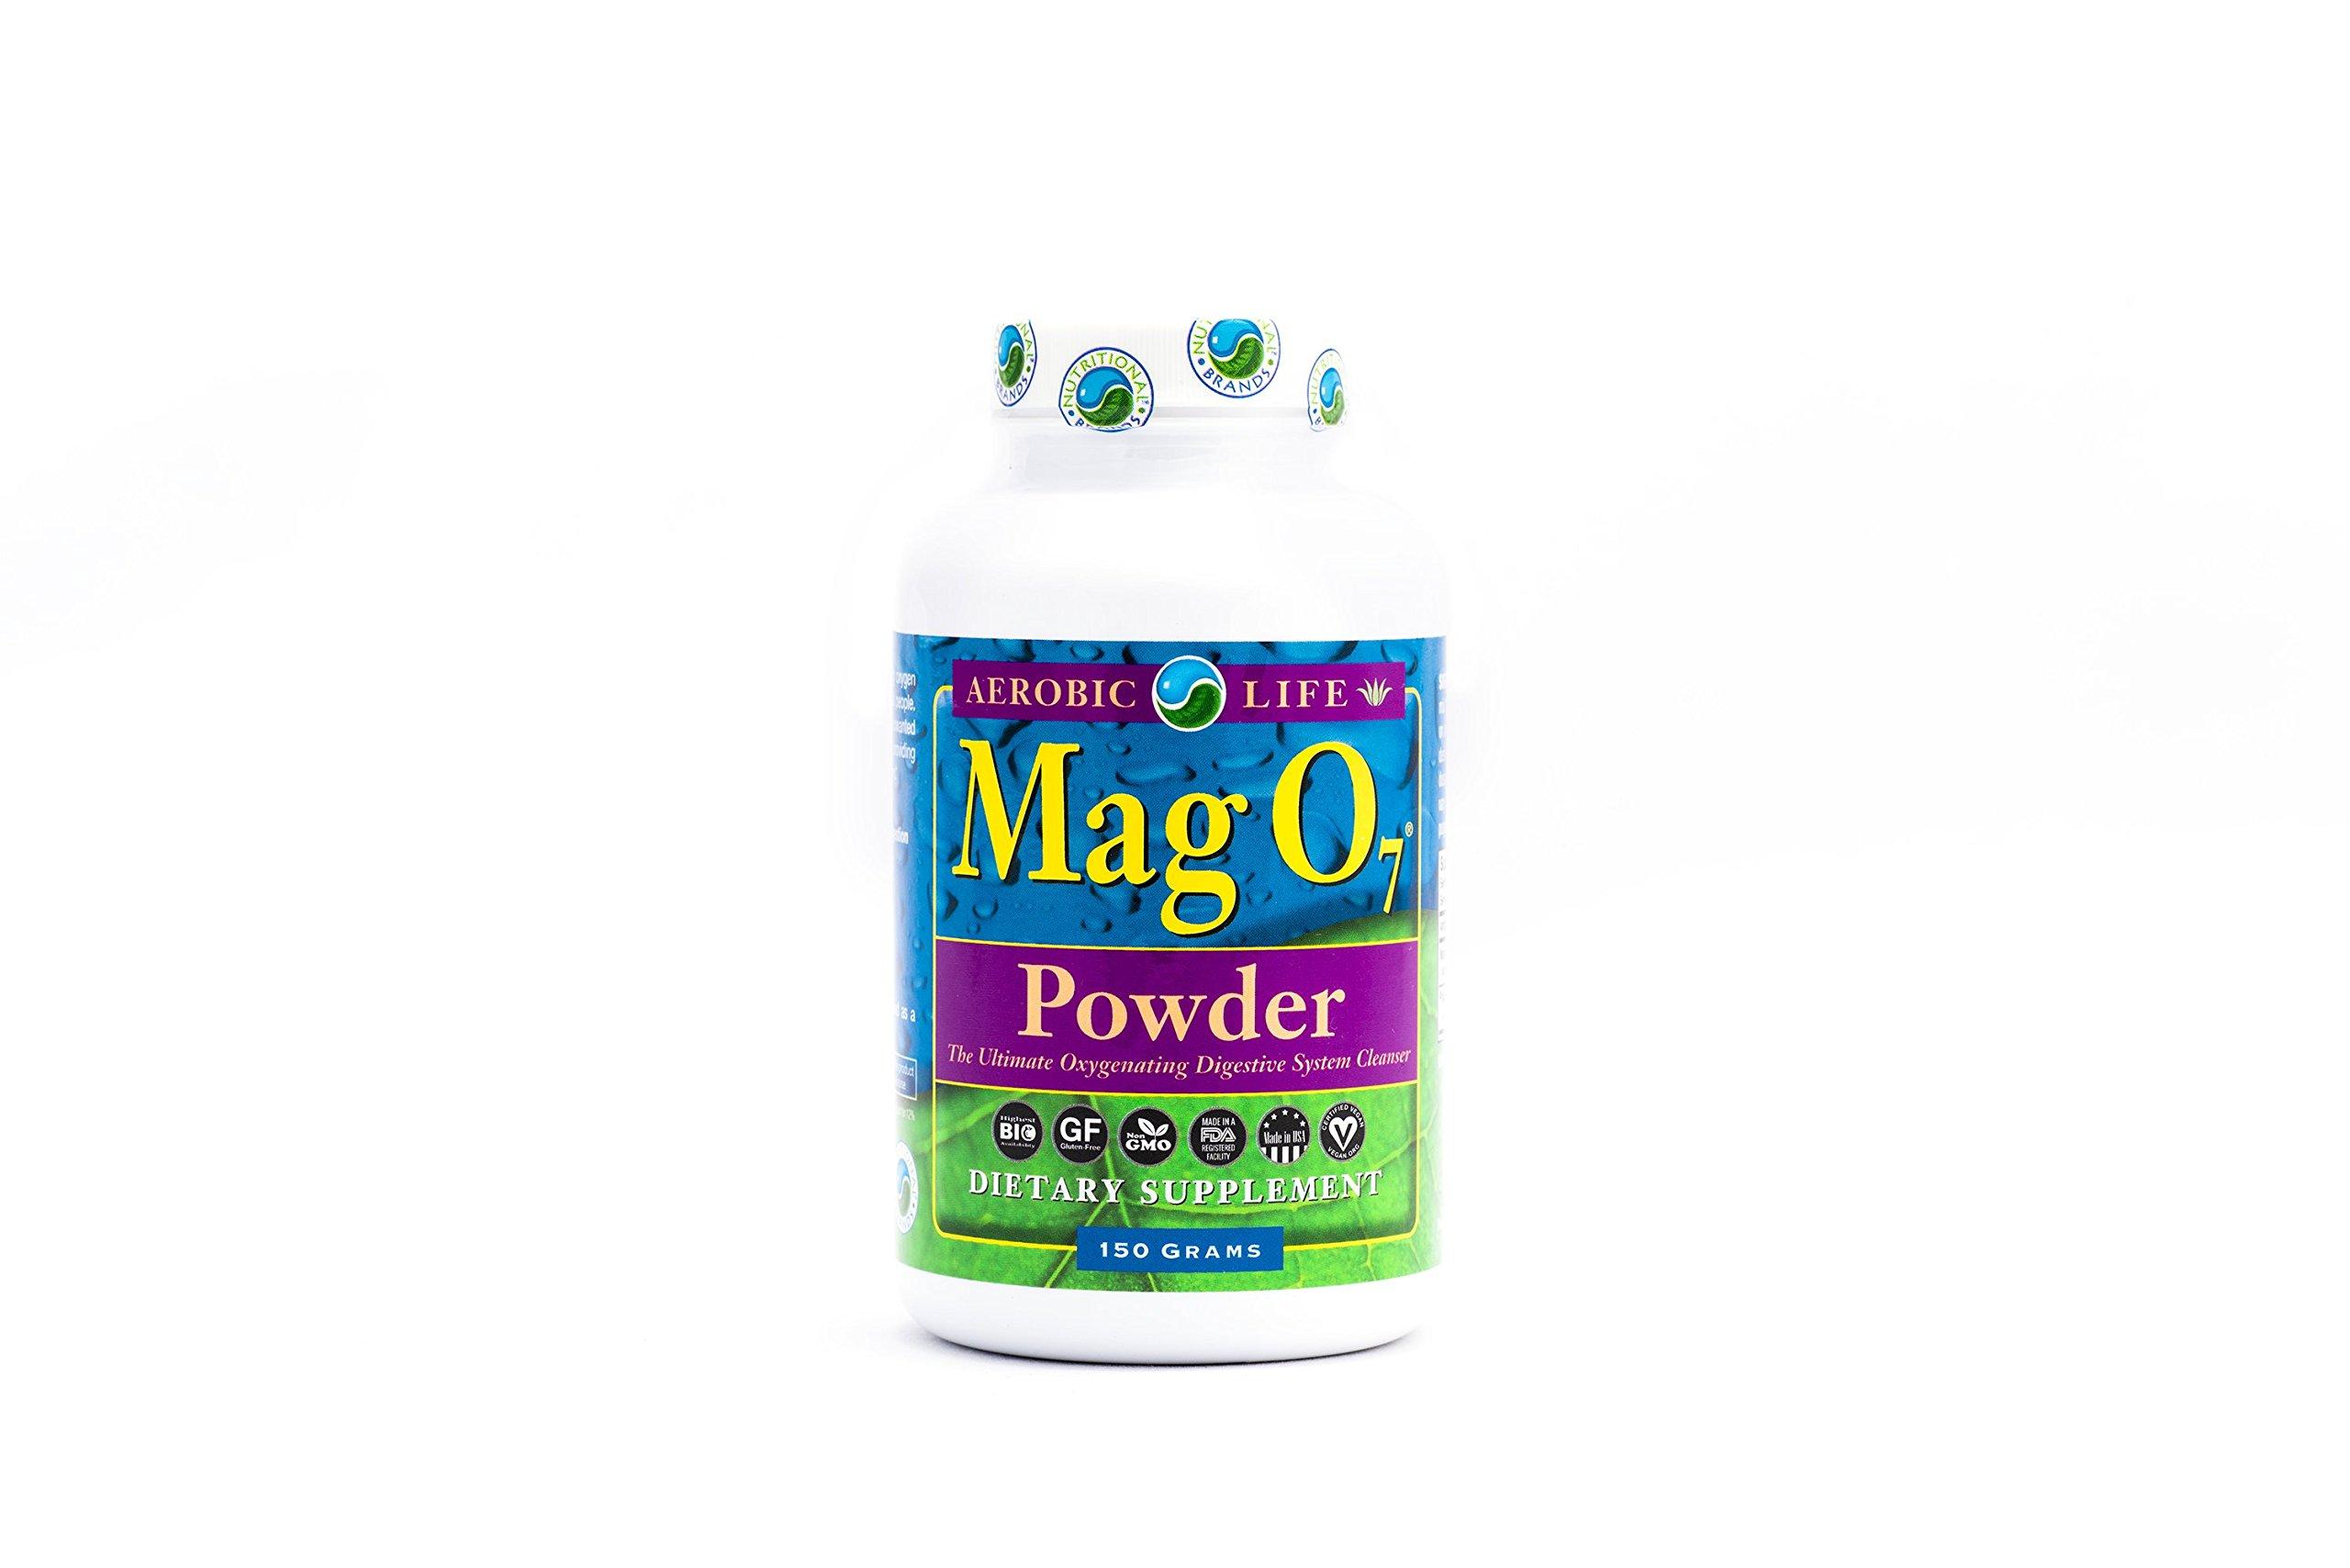 Aerobic Life Mag 07 Oxygen Digestive System Cleanser Powder, 150 Gram by Aerobic Life